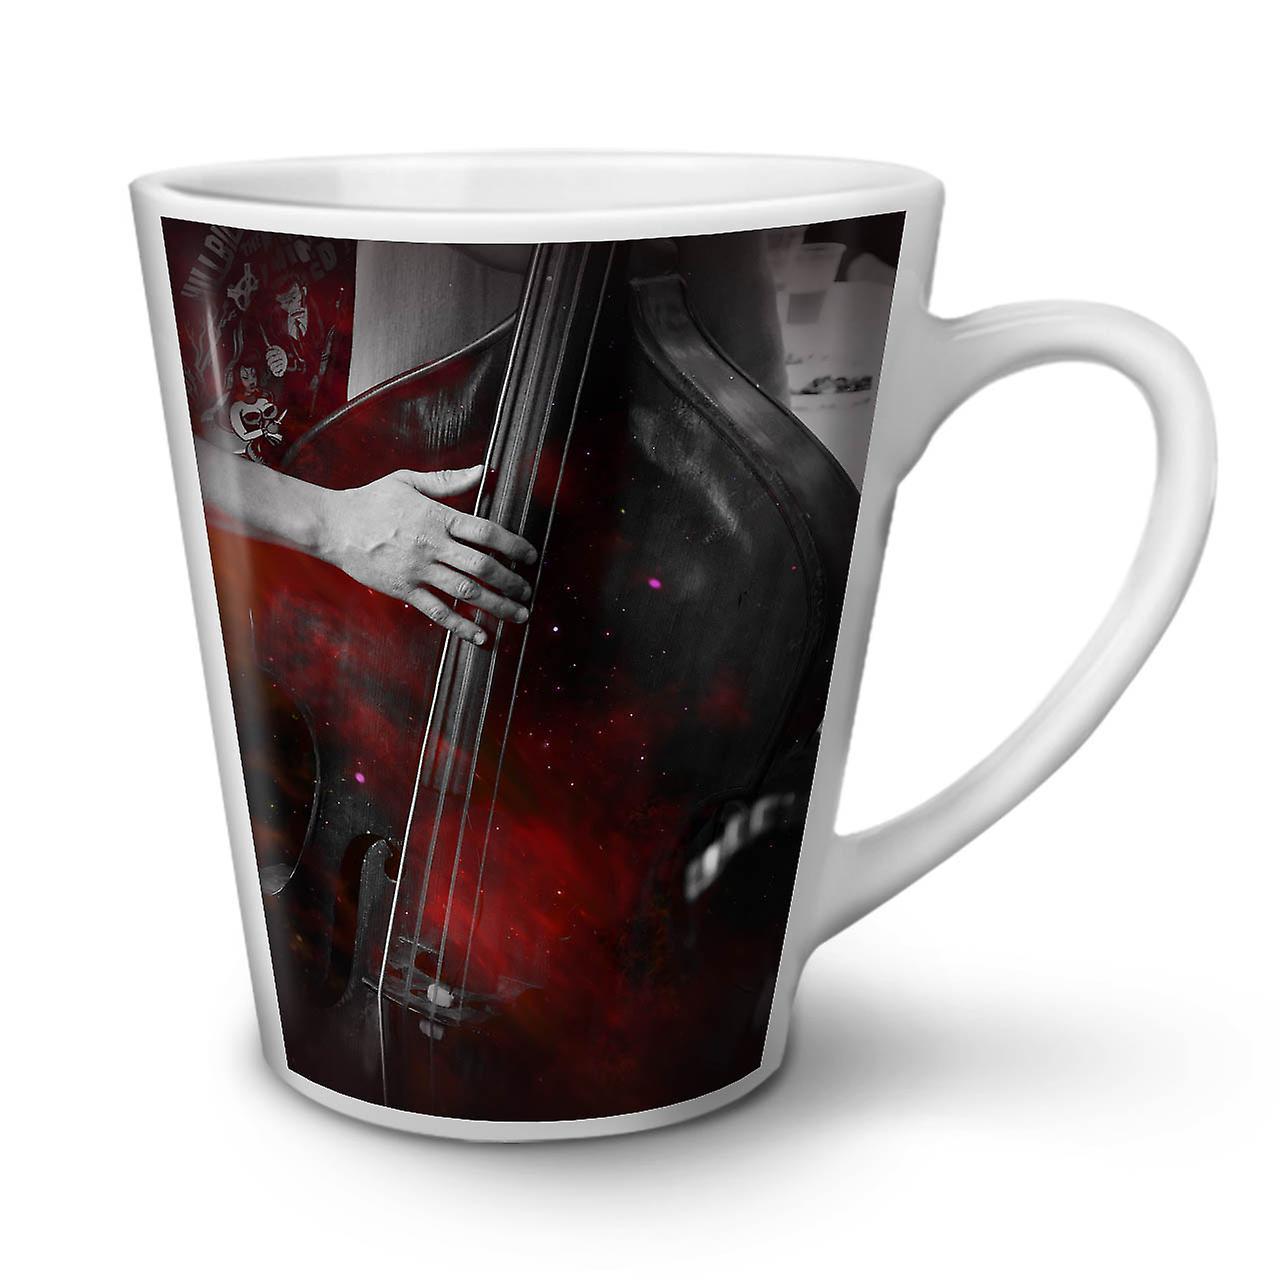 Jazz Tasse Blanche En Ancienne Latte 12 Musique Bass Céramique Café Art OzWellcoda Nouvelle 4LRA5jc3qS